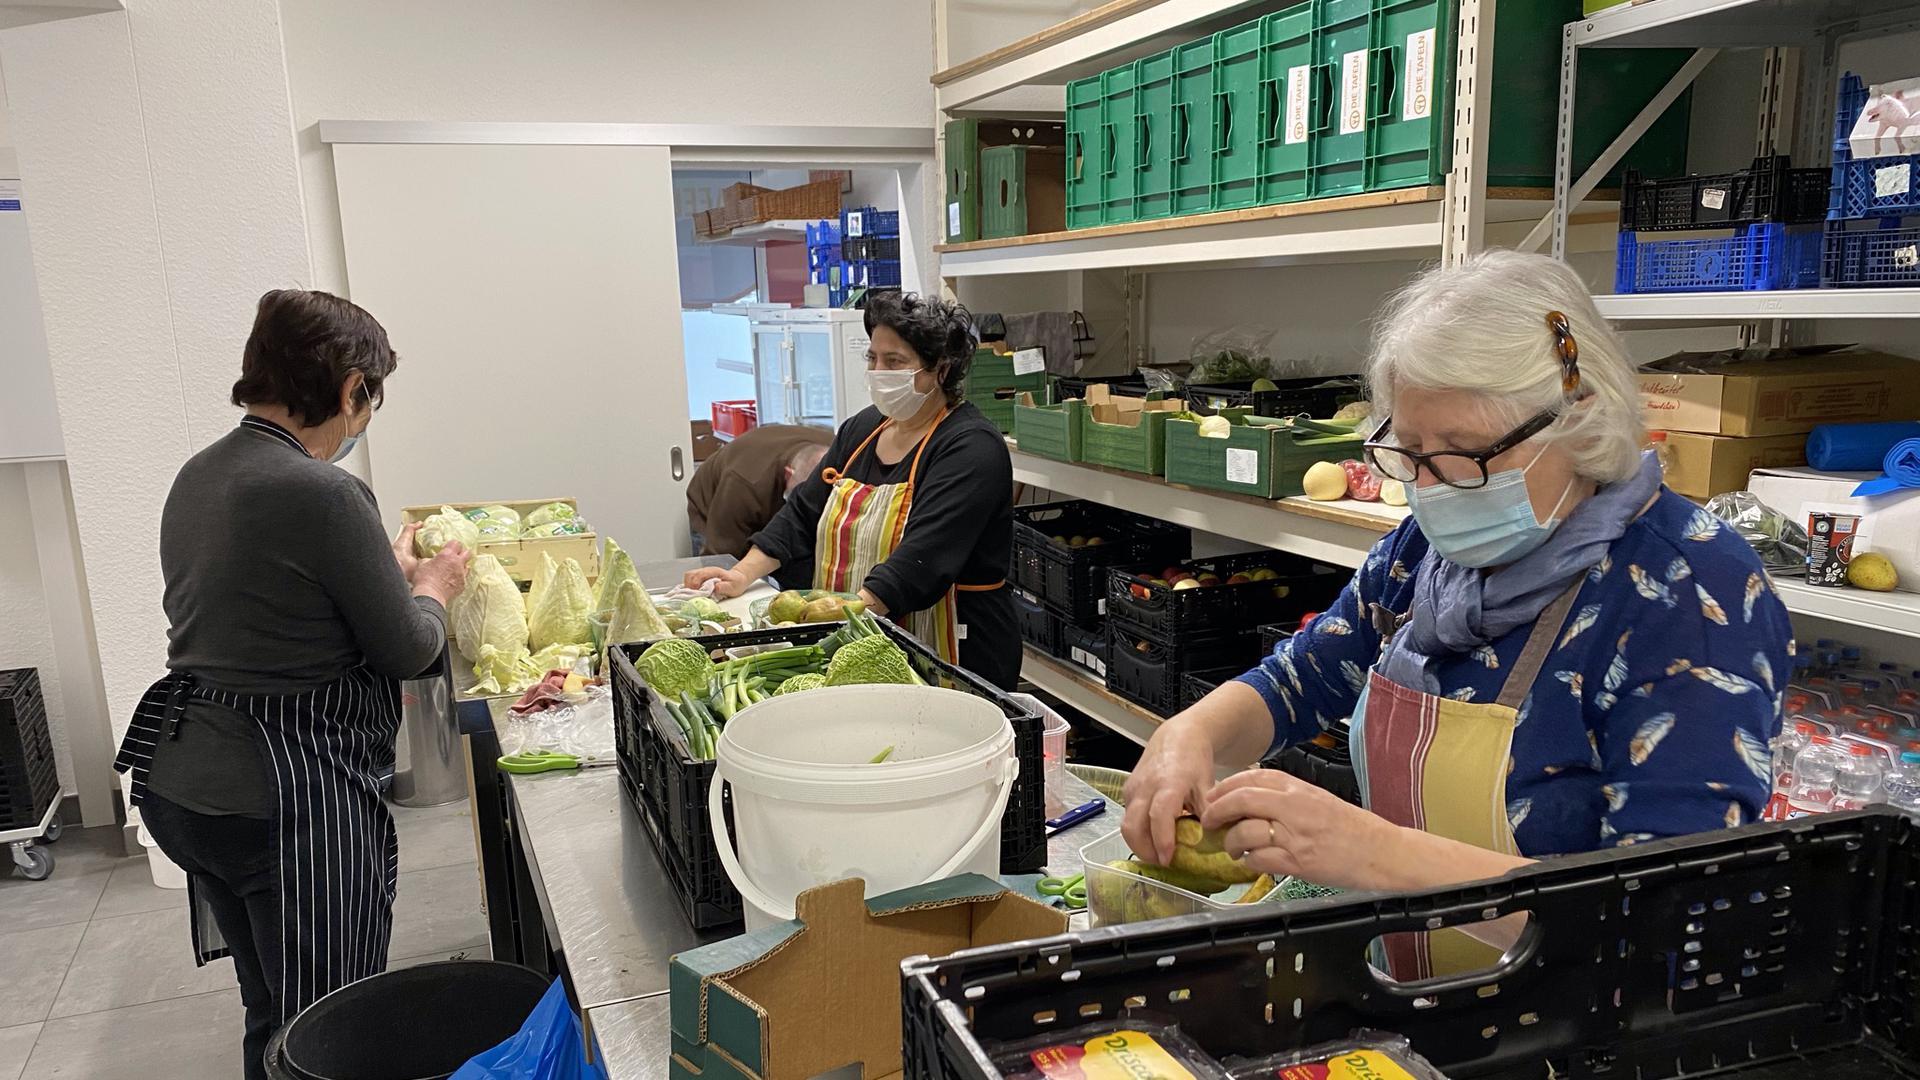 Ehrenamtliche des Tafelladens in Achern bereiten die gespendeten Lebensmittel für den Verkauf vor.